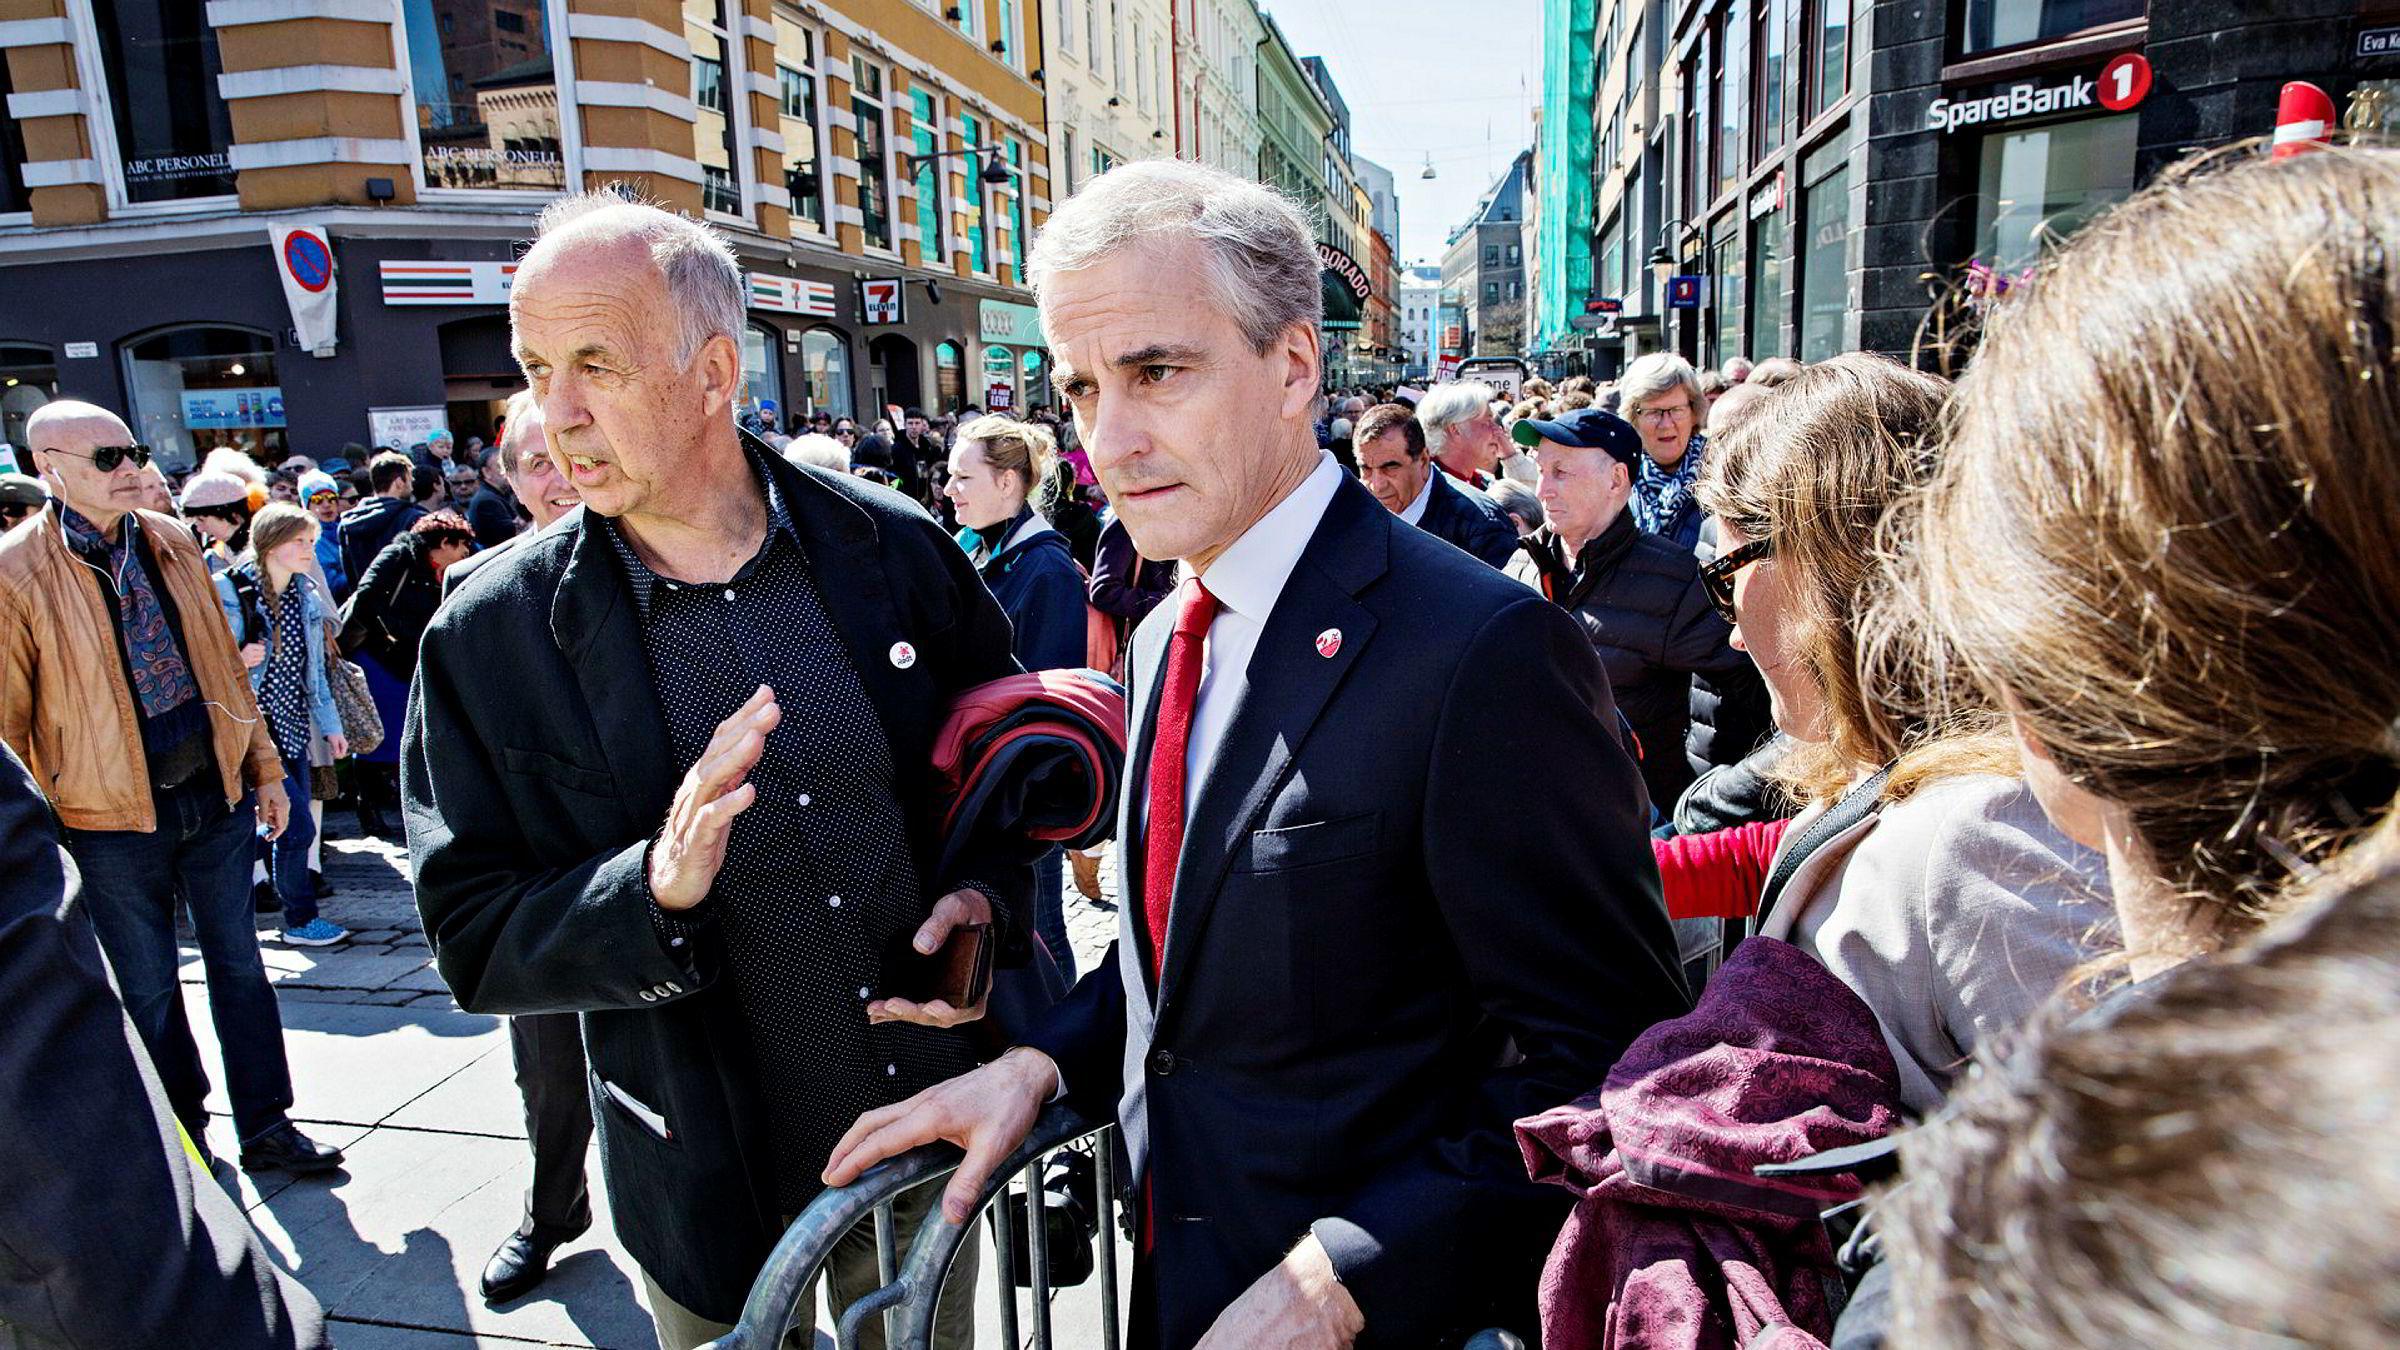 Ap-leder Jonas Gahr Støre forteller at velgerne er bekymret for økte forskjeller. Men vet de at de bor i verdens likeste land?